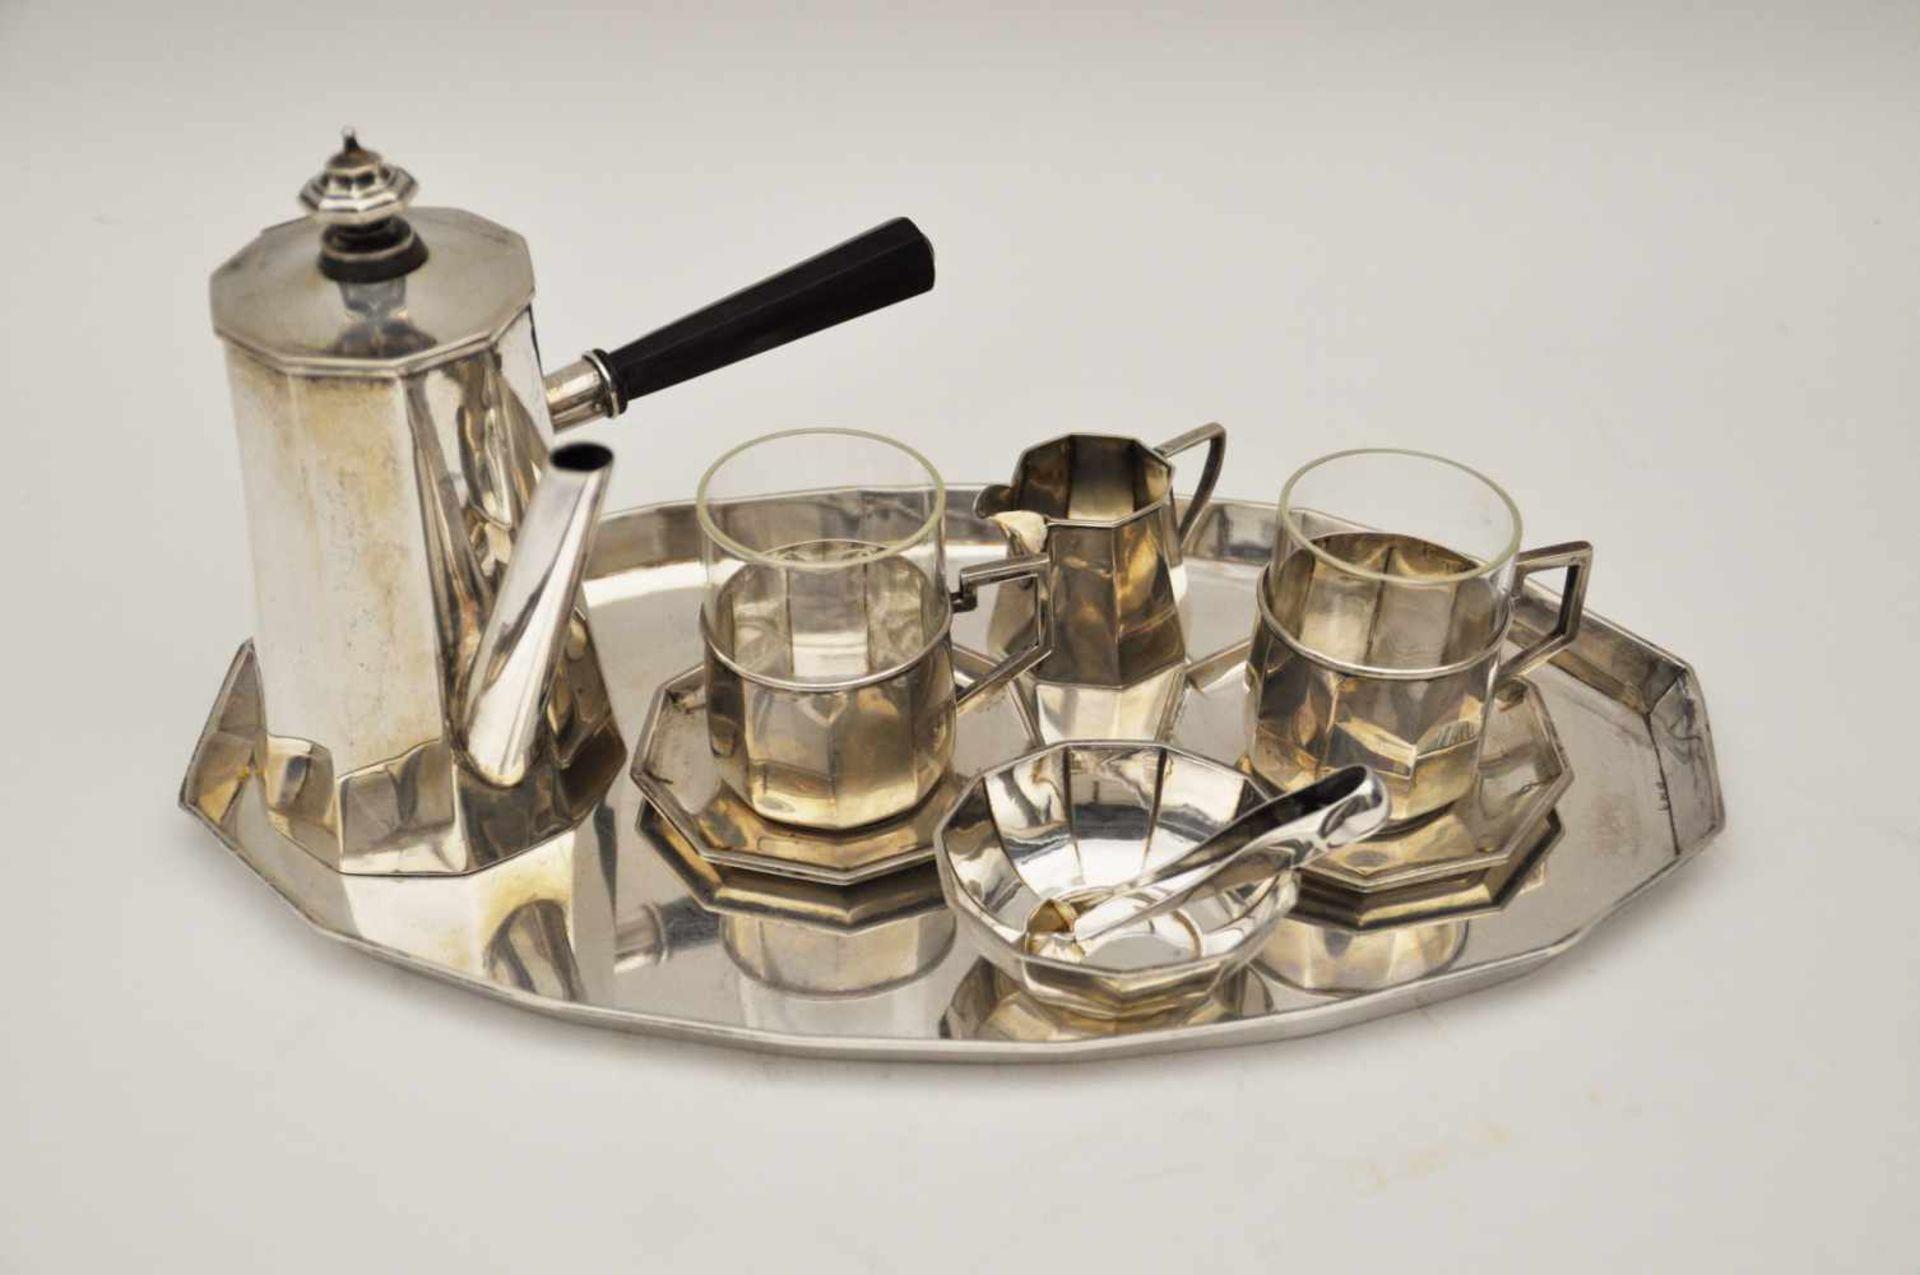 Los 60 - Mokkaservice, Deutsch um 19307 teiliges Mokkaservice,Silber 800, Brutto-Gew. 590 g